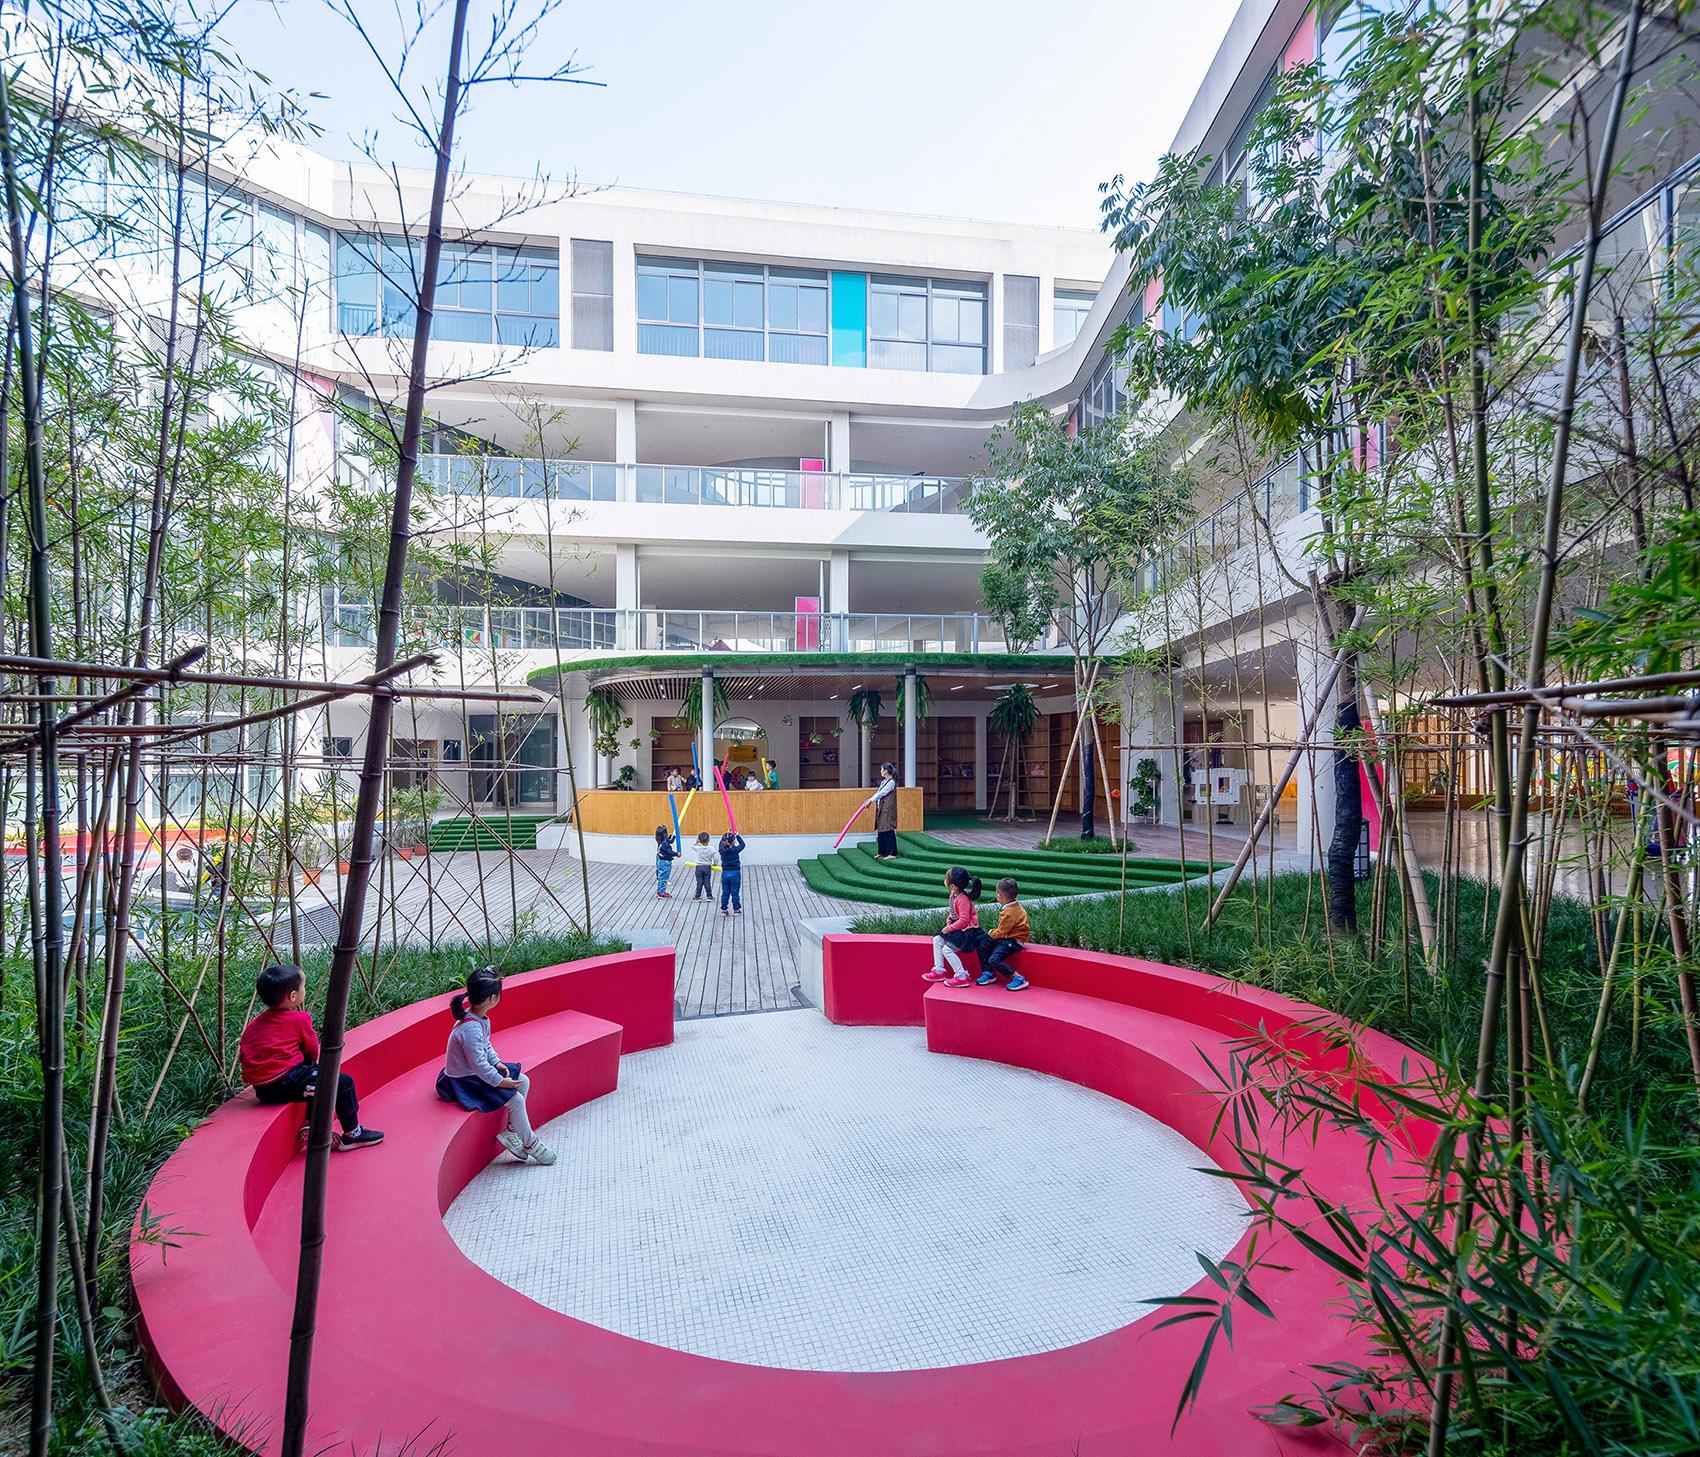 宁波艾迪国际幼儿园-4